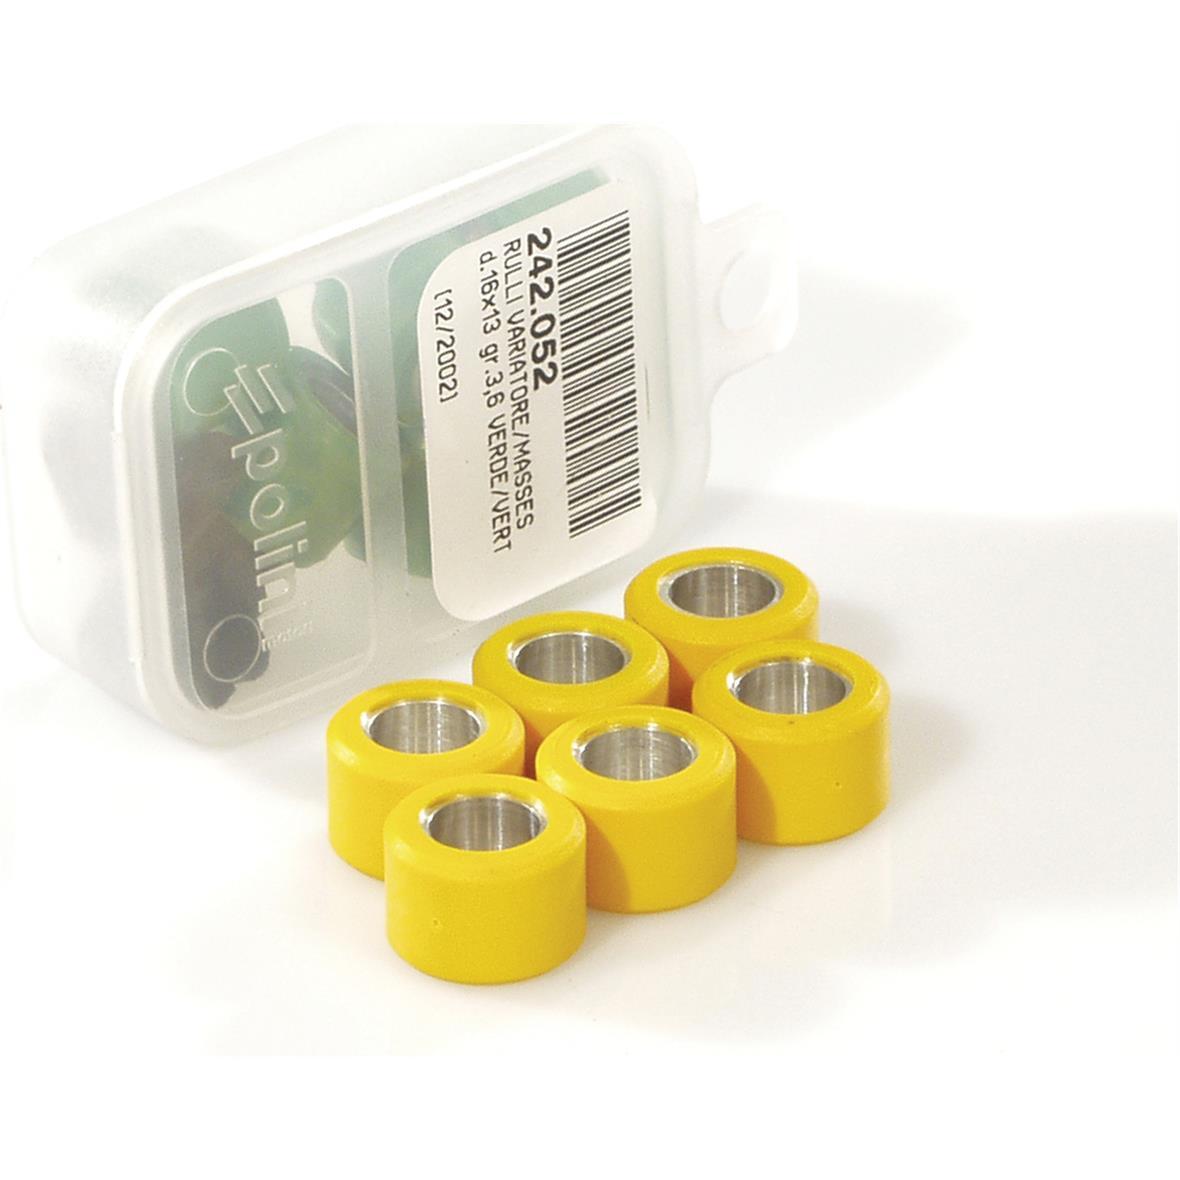 Image du produit 'Rouleaux de variateur POLINI 15x12 mm 6g'